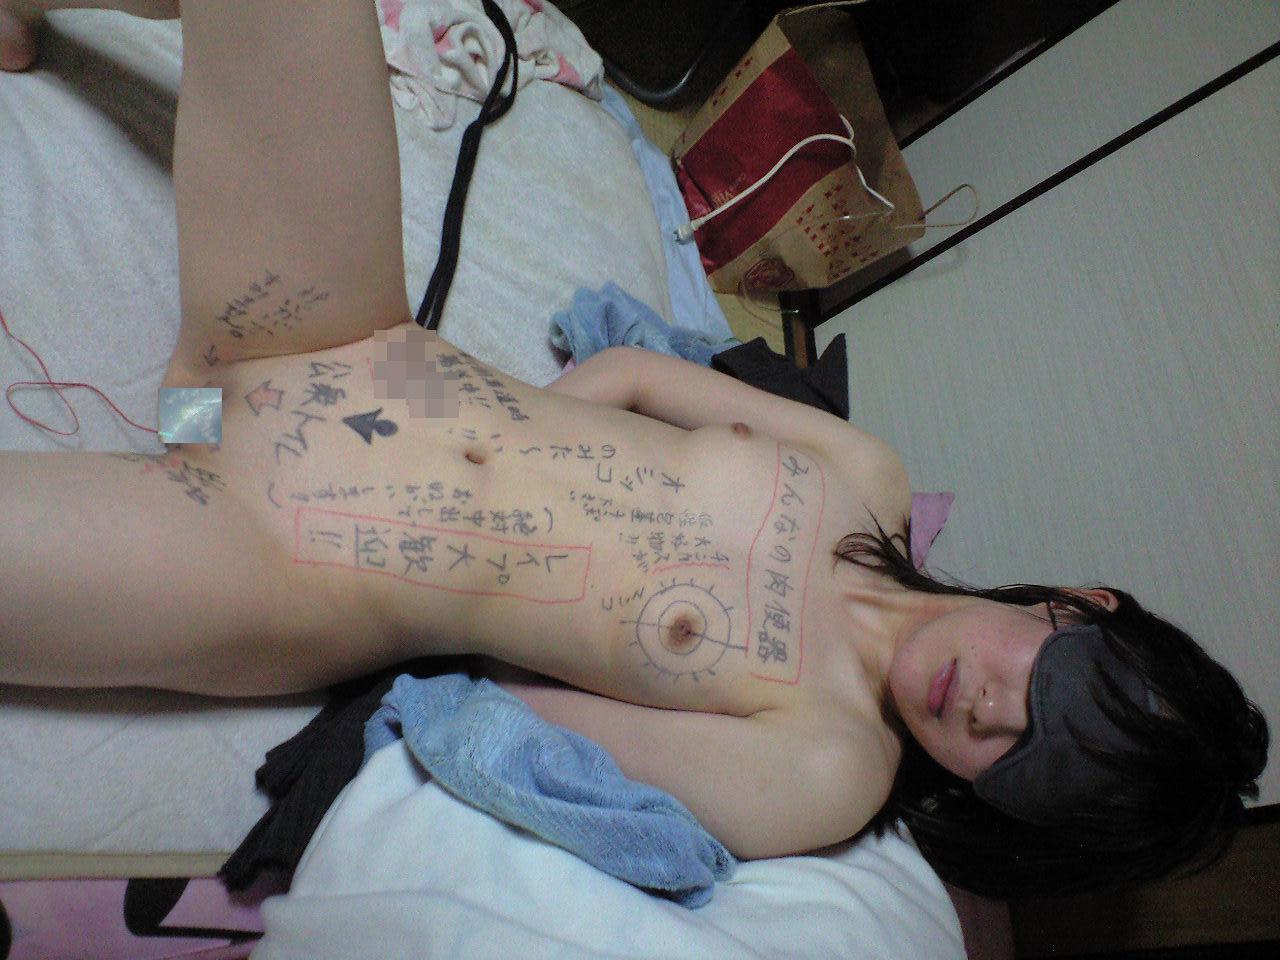 落書きされた肉便器女のリベンジポルノエロ画像33枚・1枚目の画像